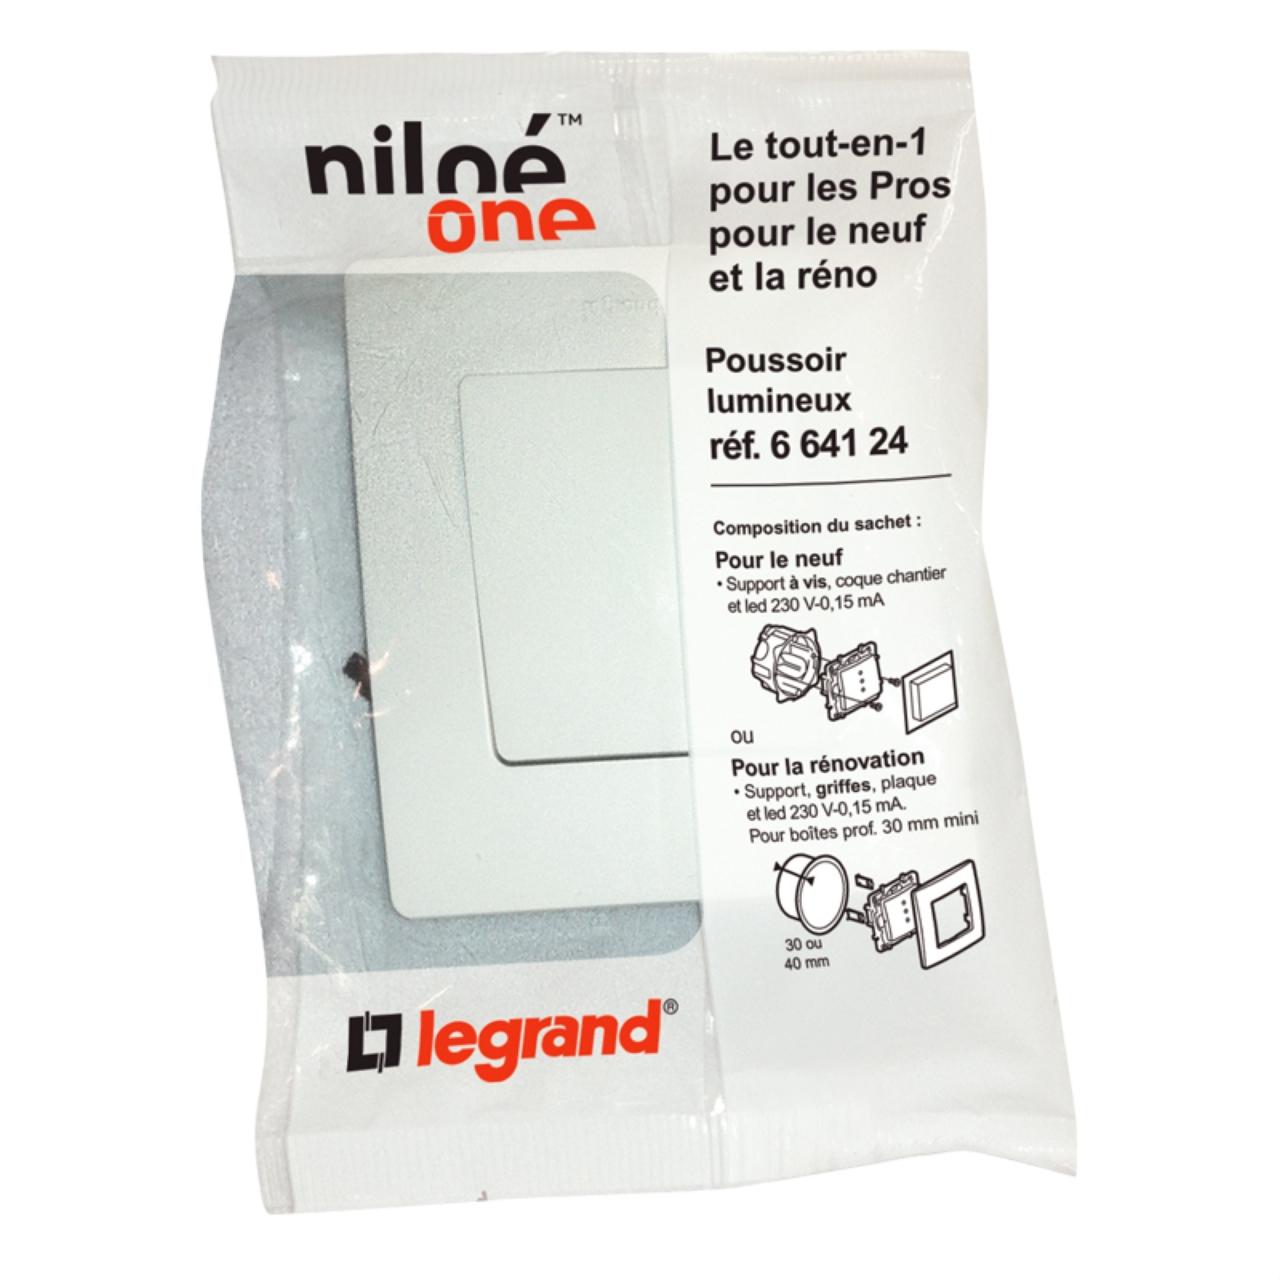 bouton poussoir lumineux legrand niloe pur complet 11 87. Black Bedroom Furniture Sets. Home Design Ideas